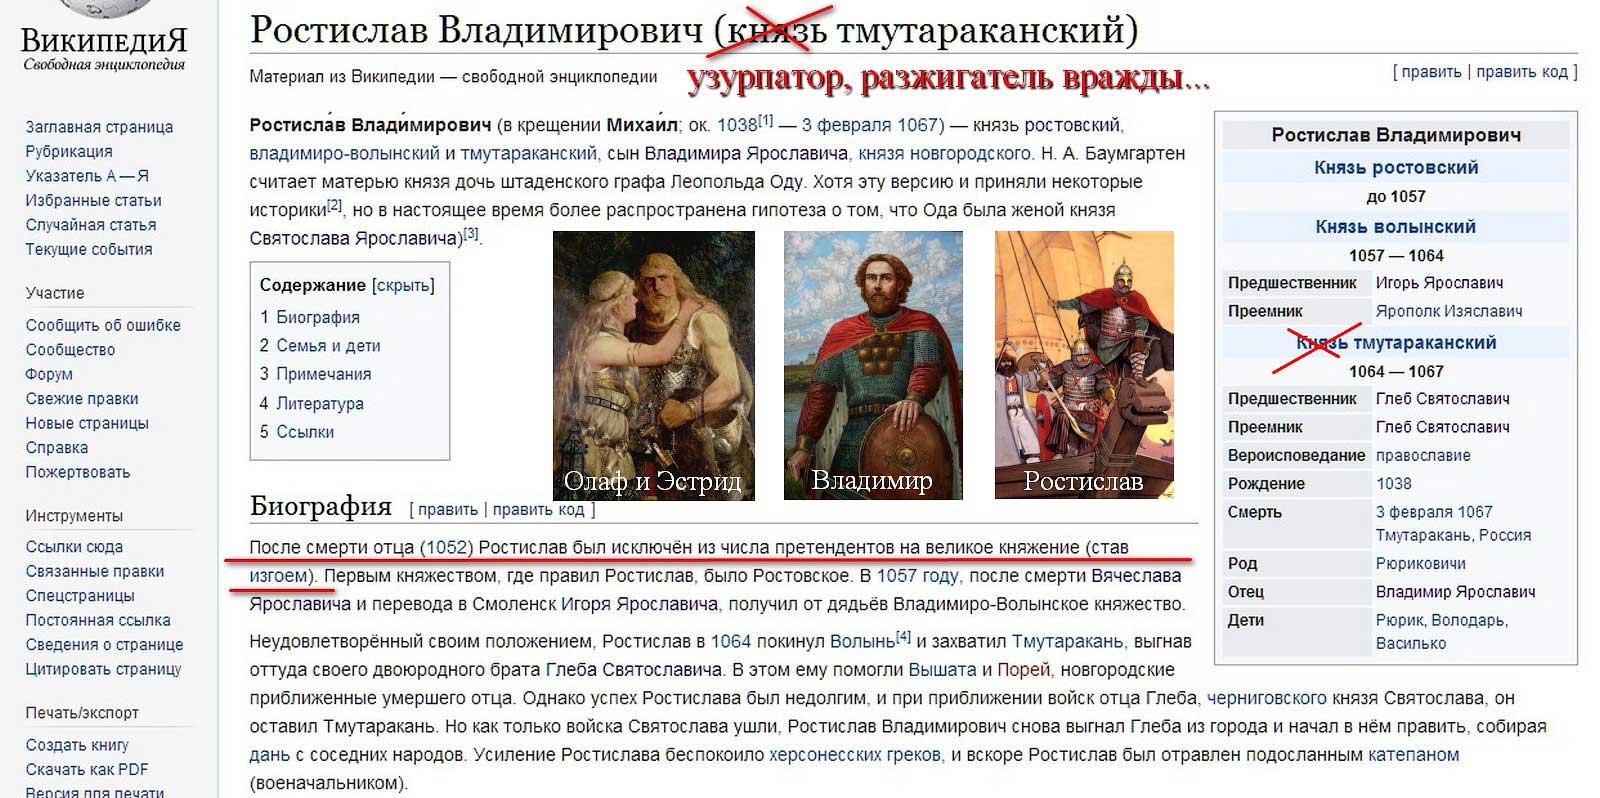 Страница изгоя Ростислава Владимировича действительно есть, но он в его крови мировича (с добавленными предполагаемыми картинами)